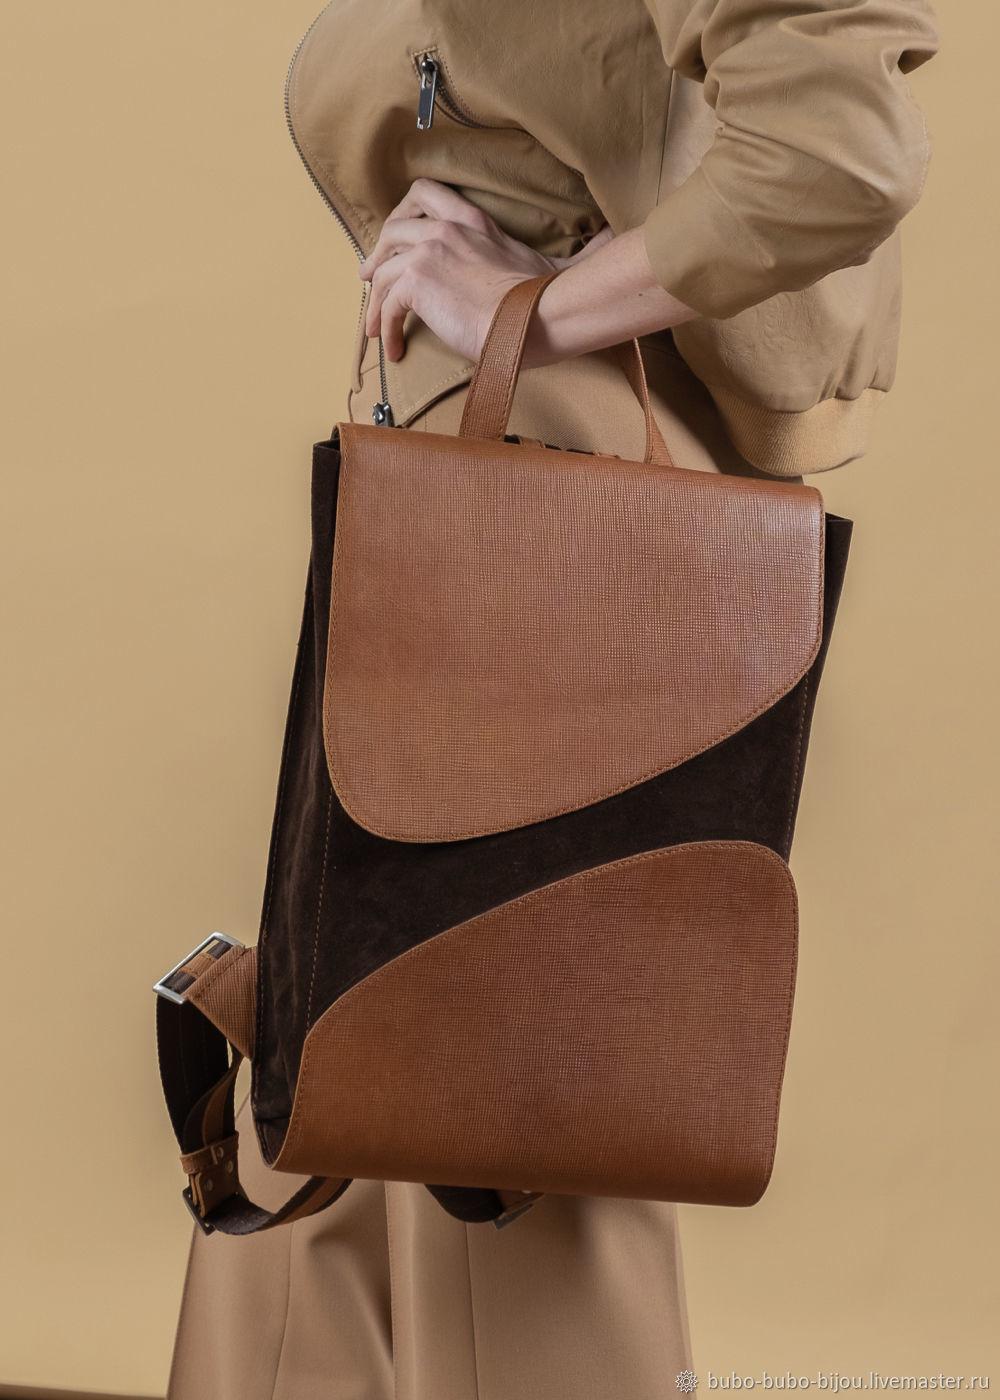 Городской рюкзак для ноутбука коричневый, Рюкзаки, Москва,  Фото №1